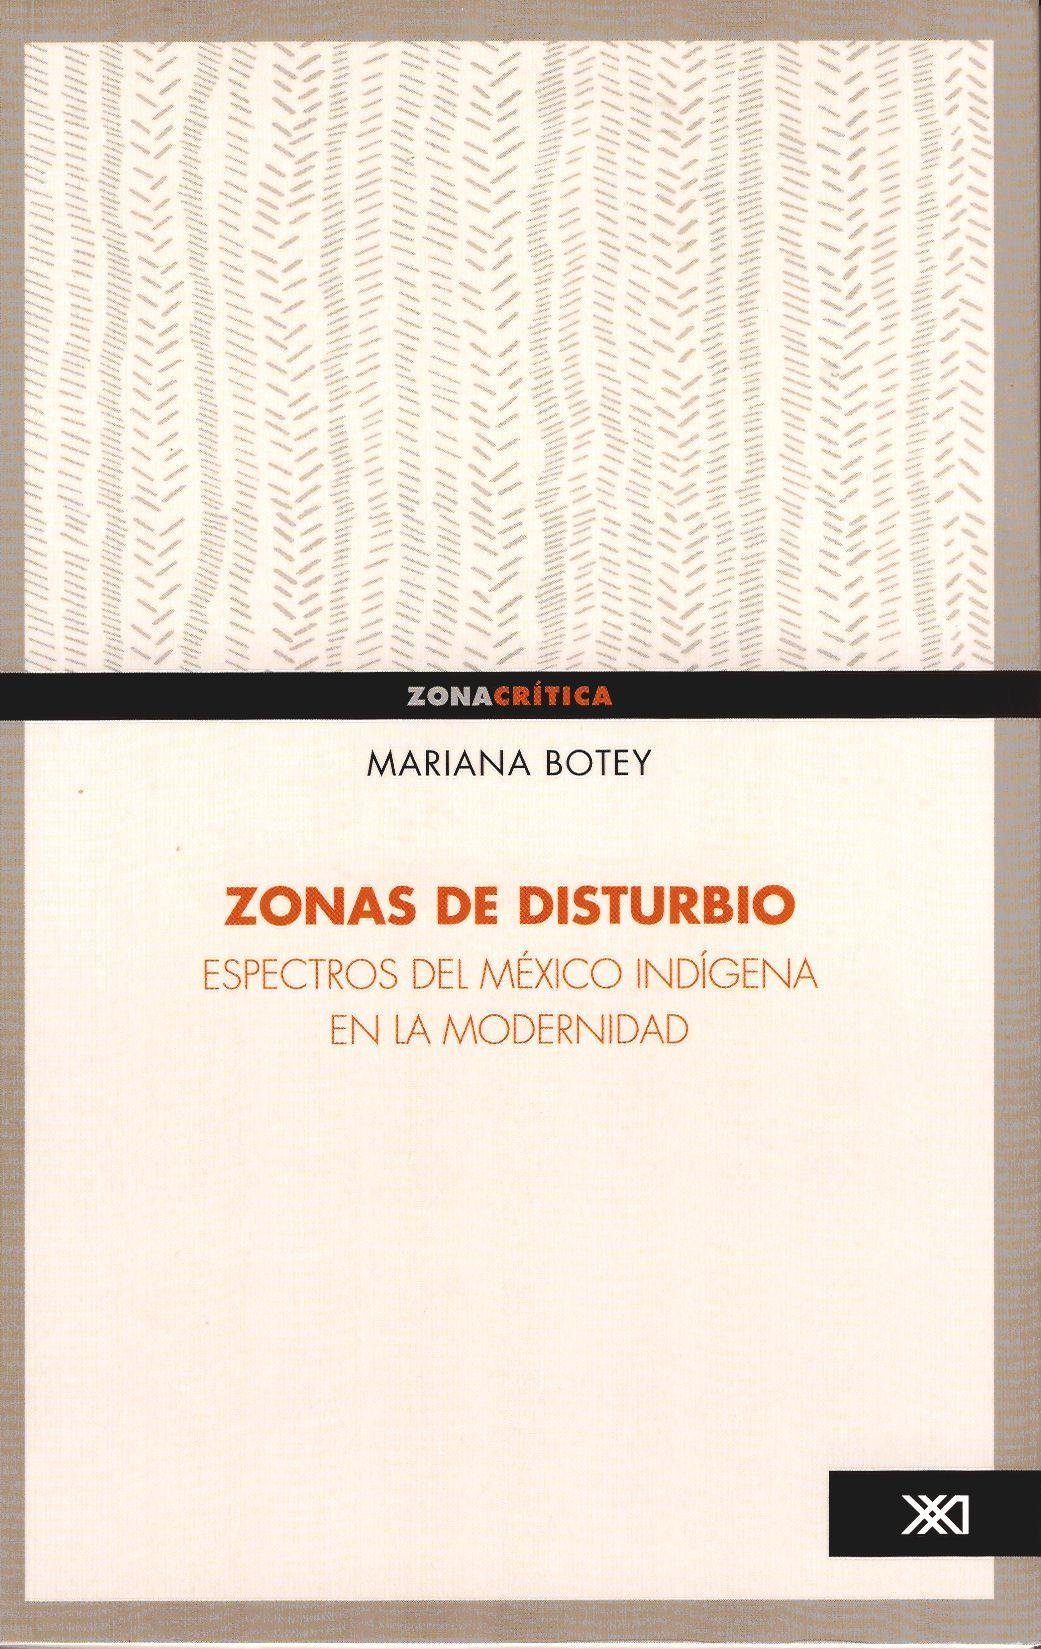 Zonas de disturbio, espectros del México indígenas en la modernidad